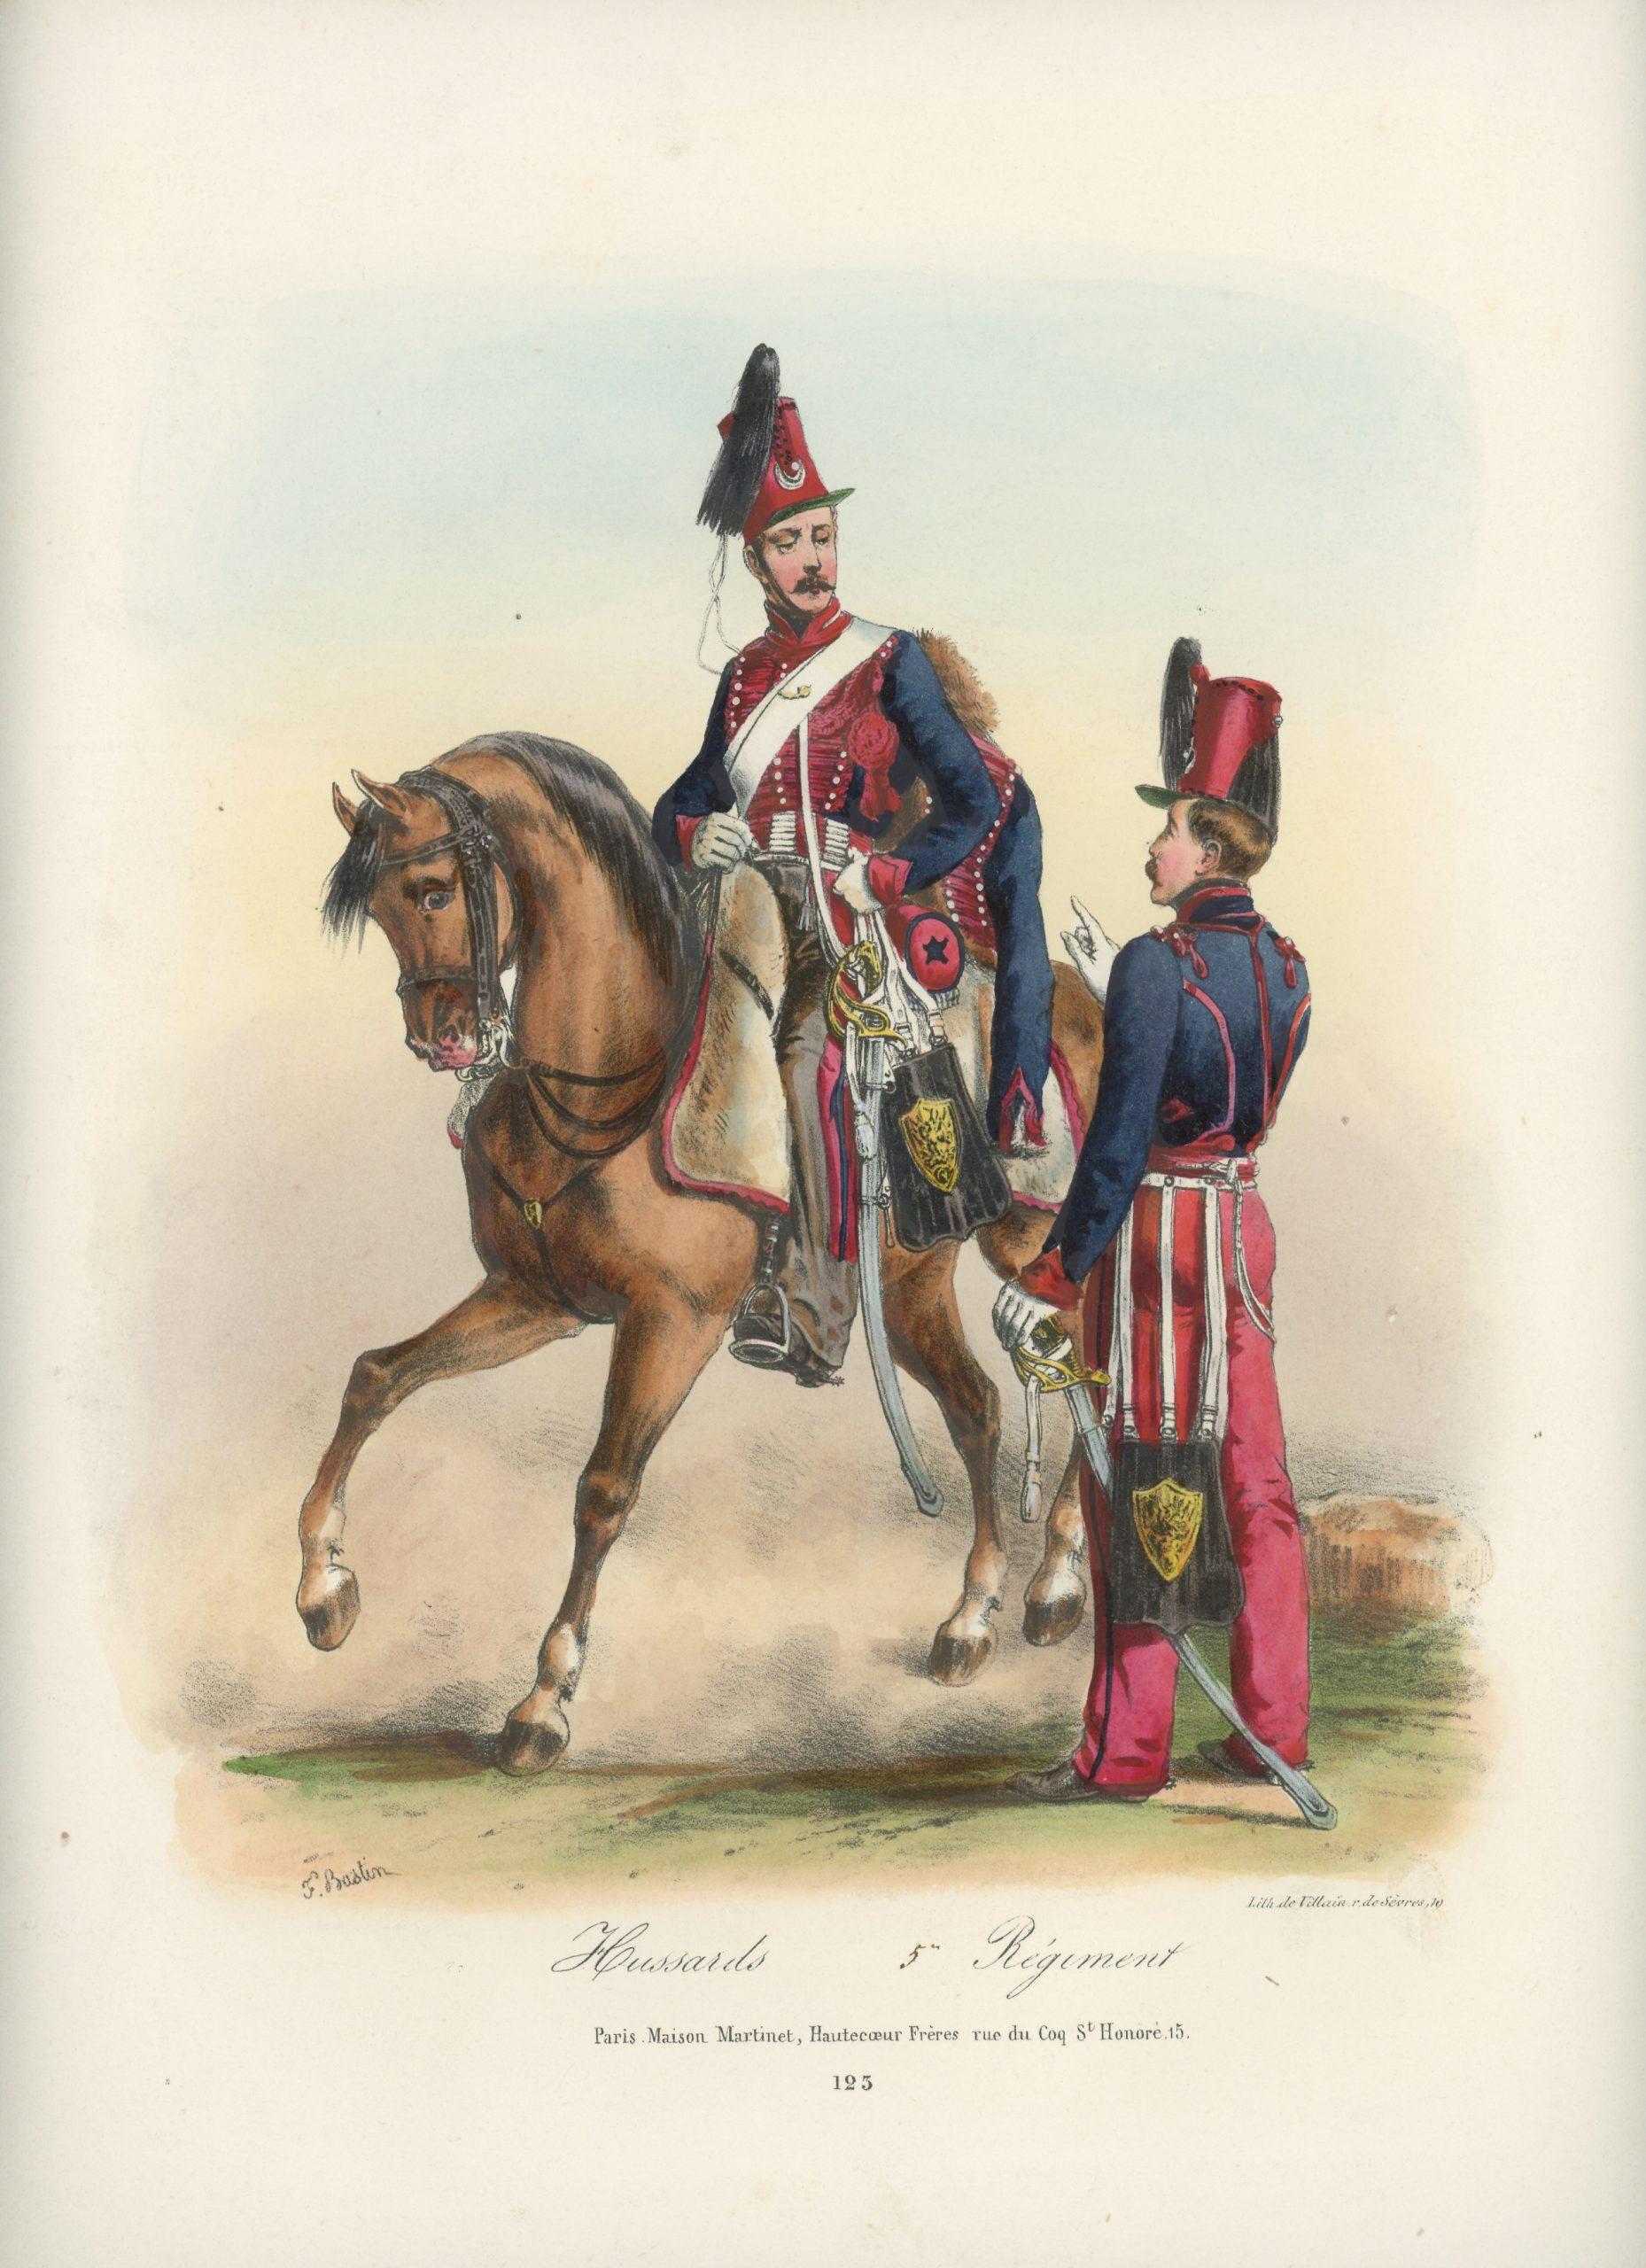 Gravure XIX - Martinet - L'armée française - Uniforme -Soldat - Monarchie de Juillet - 1830 et 1848 - Hussards 4 régiment